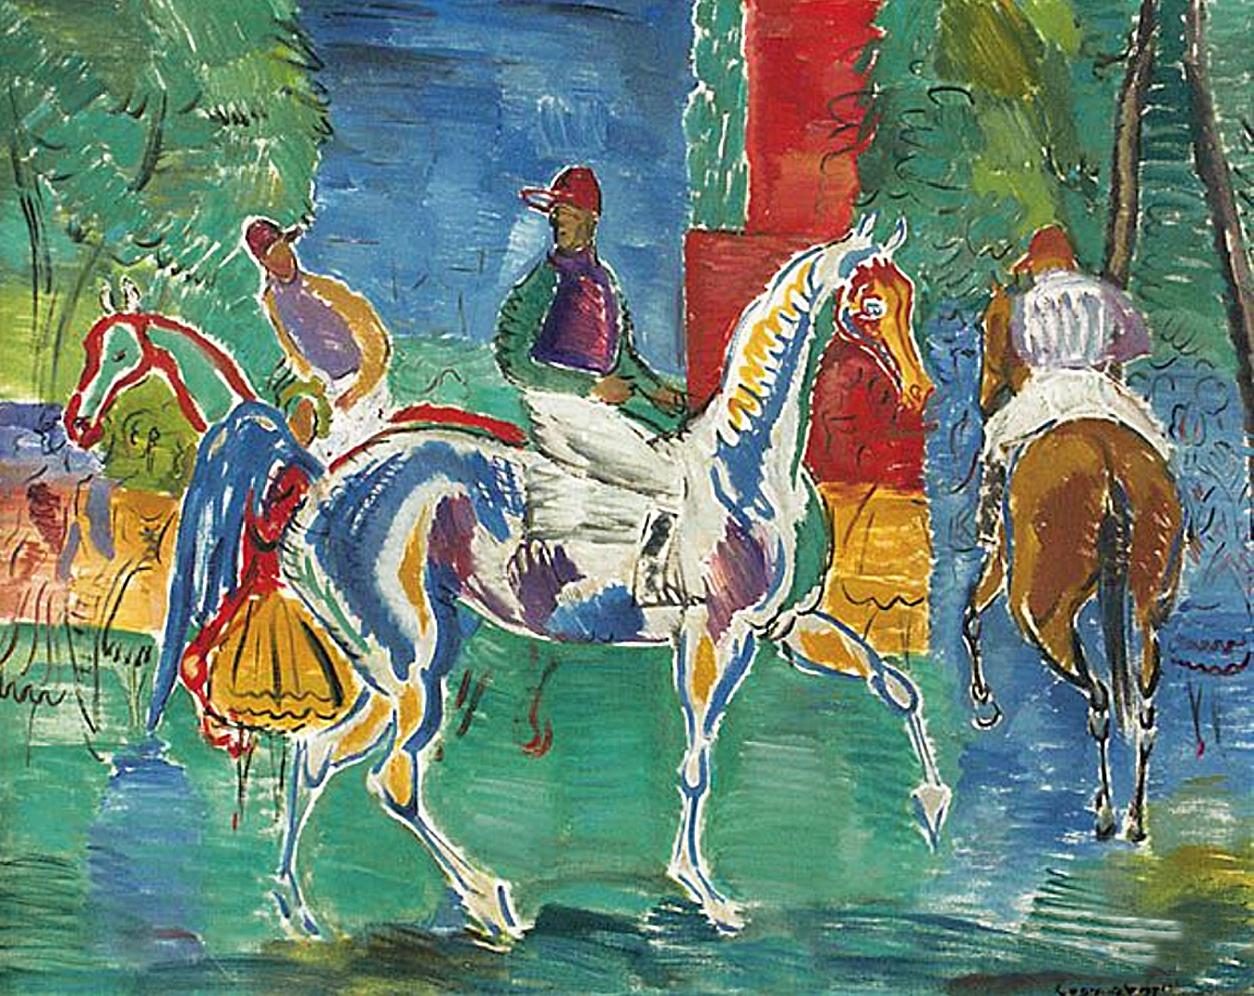 Євген Гепперт. Жокеї, 1960; полотно, олія